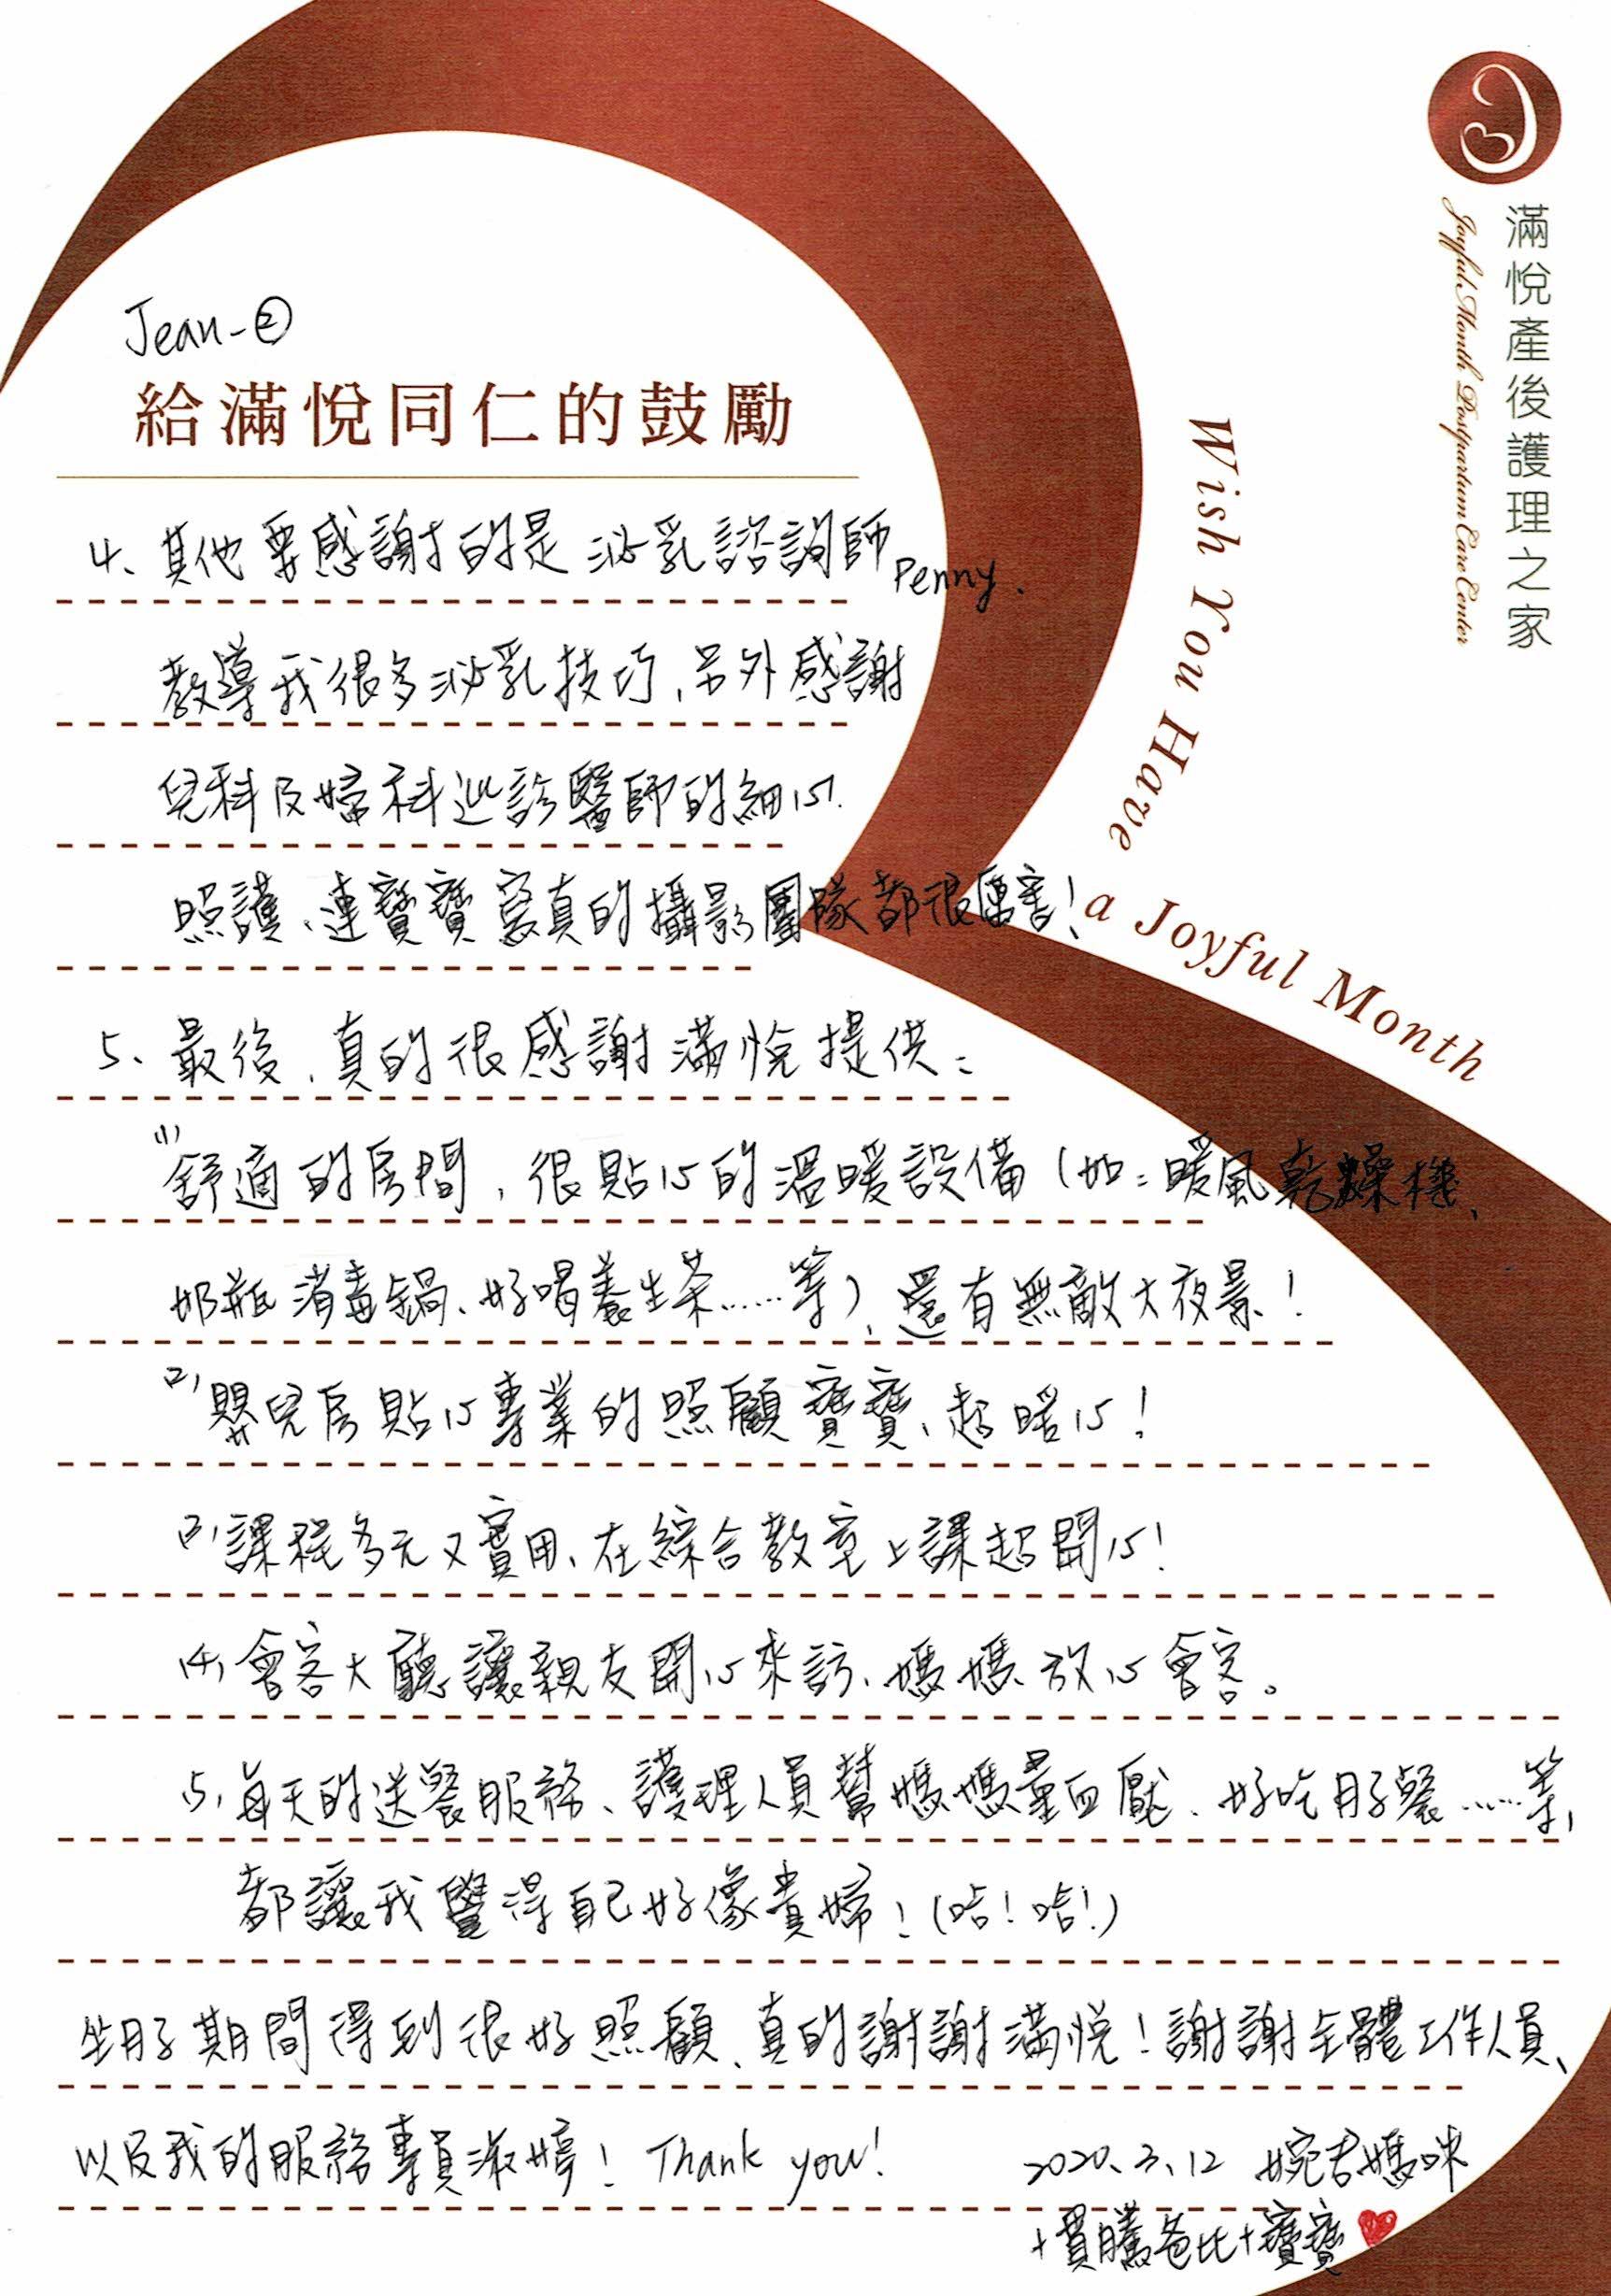 婉君媽咪&貫騰爸比 (2)